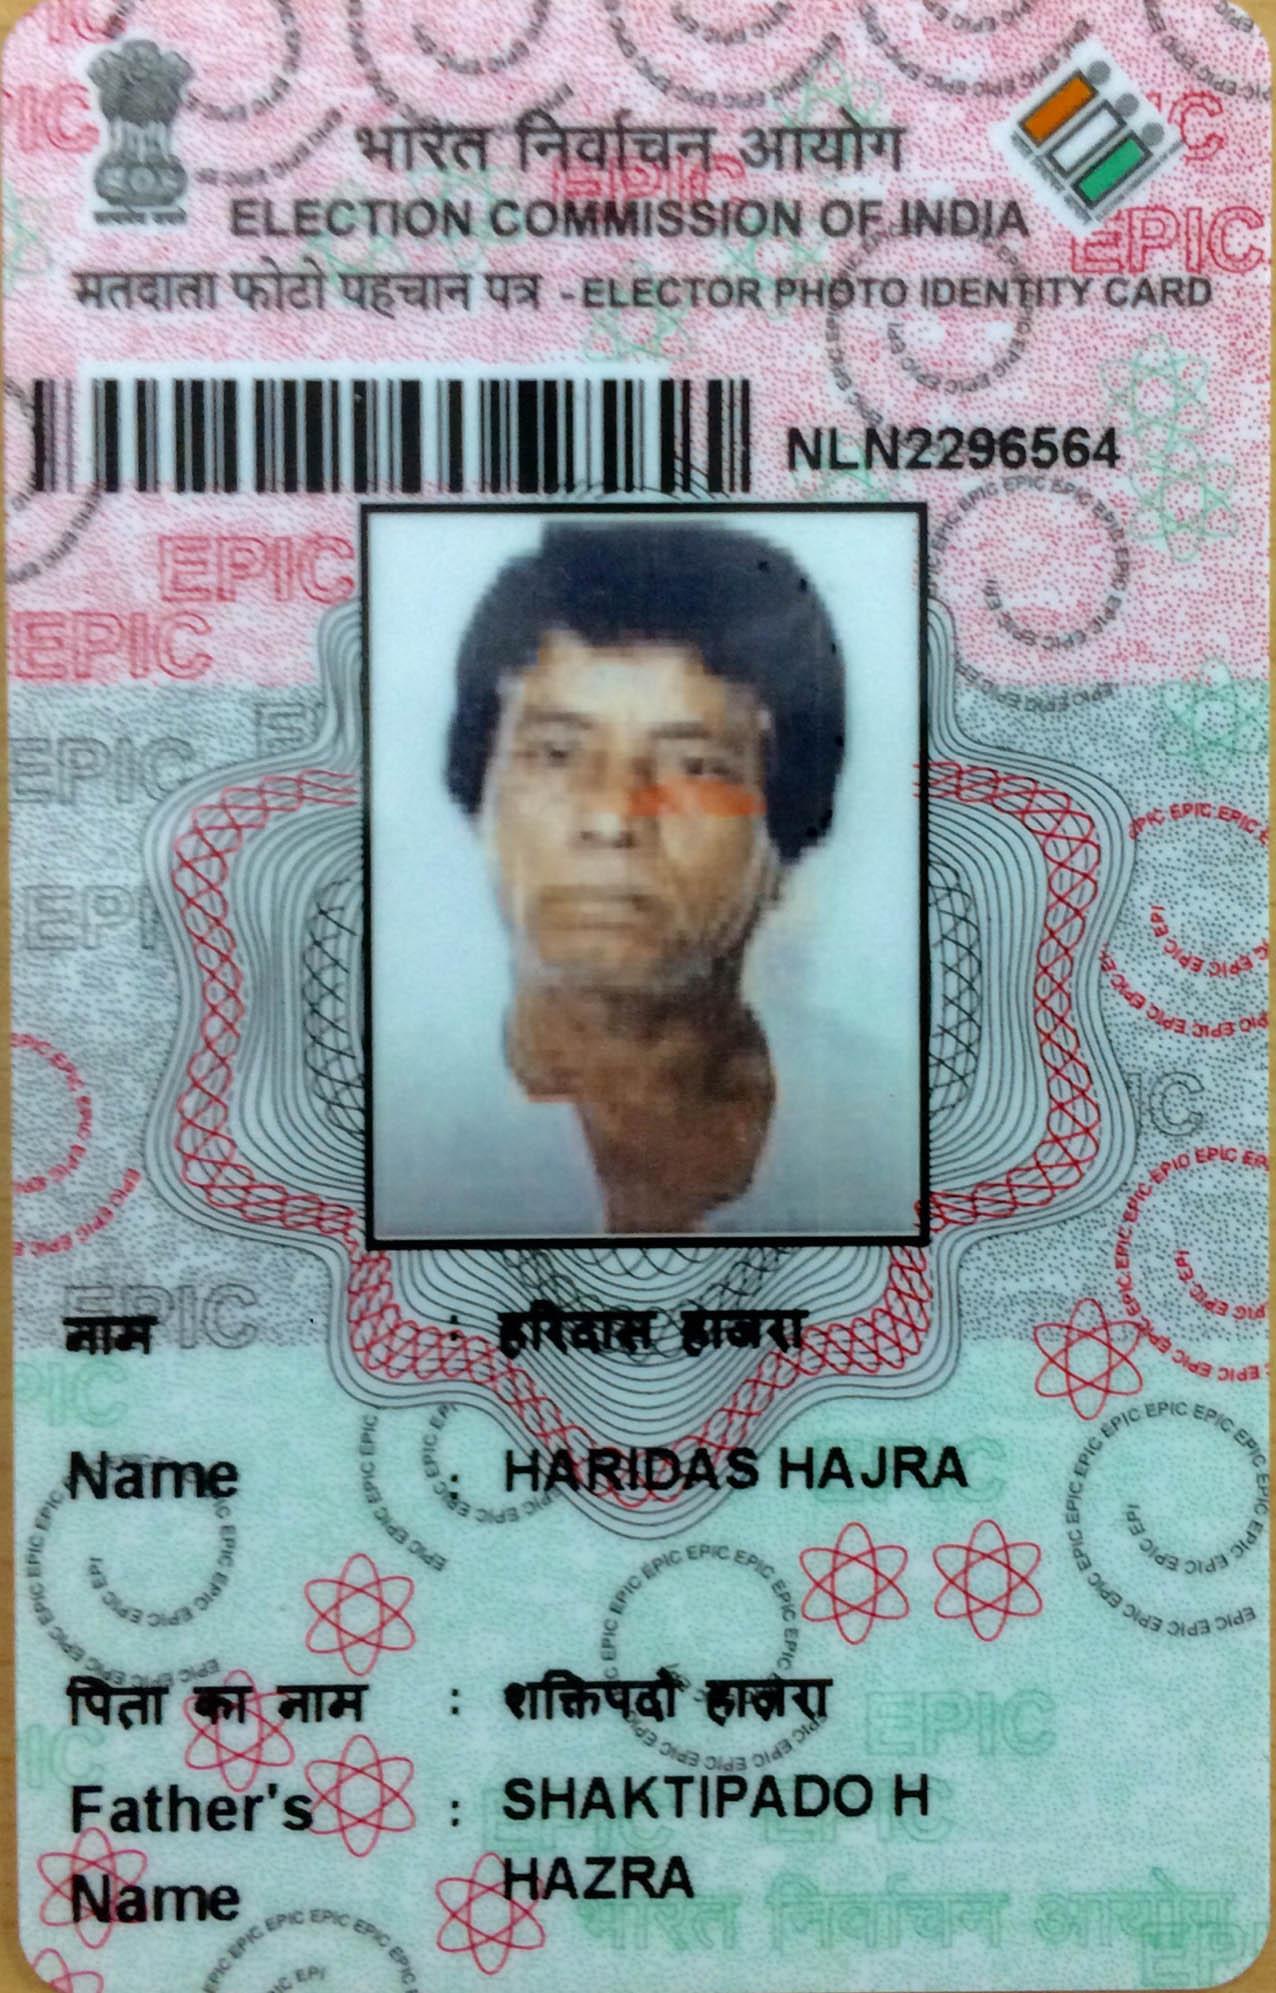 Haridas Hajra